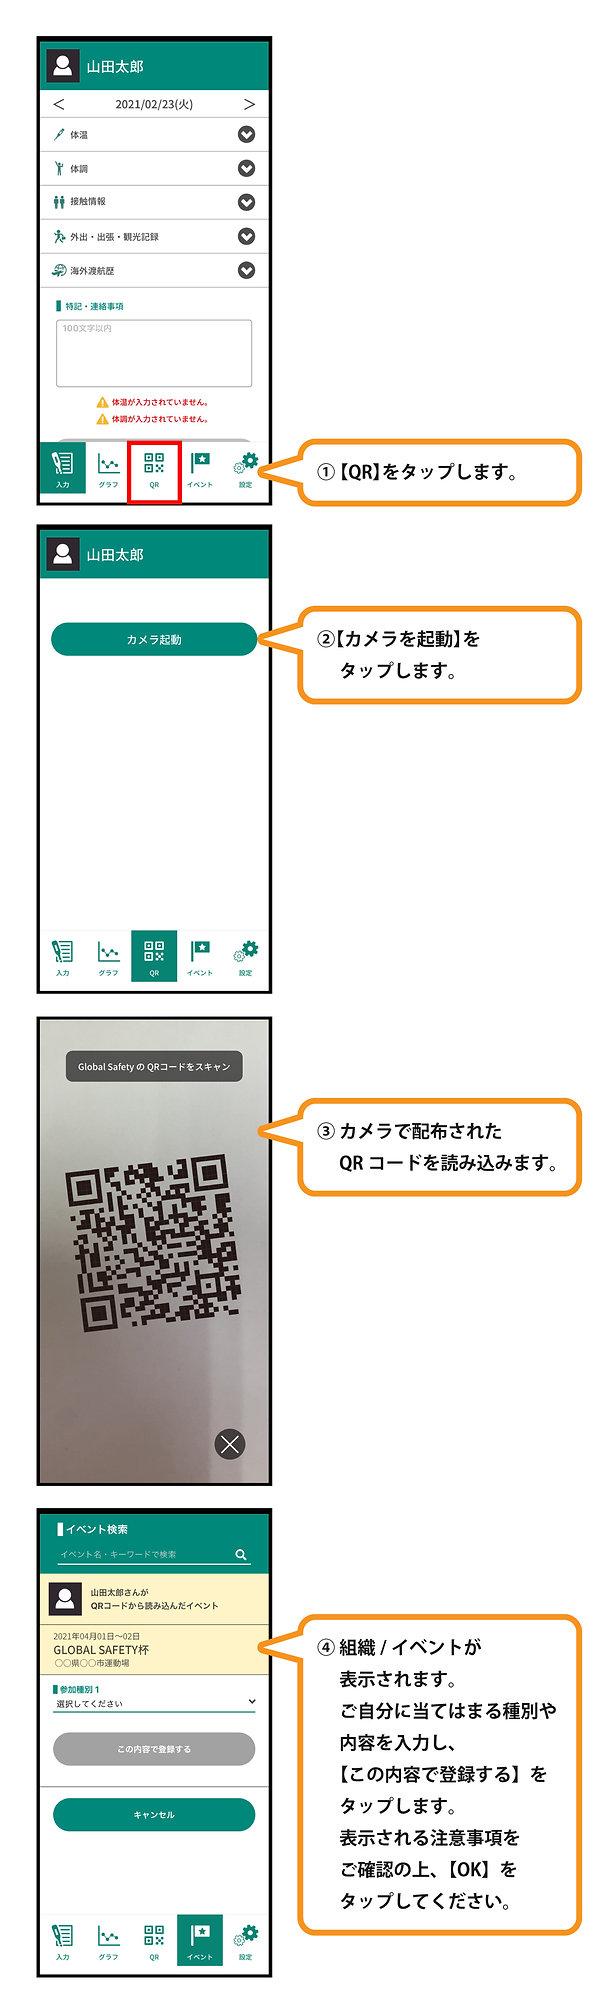 11_イベント登録1.jpg